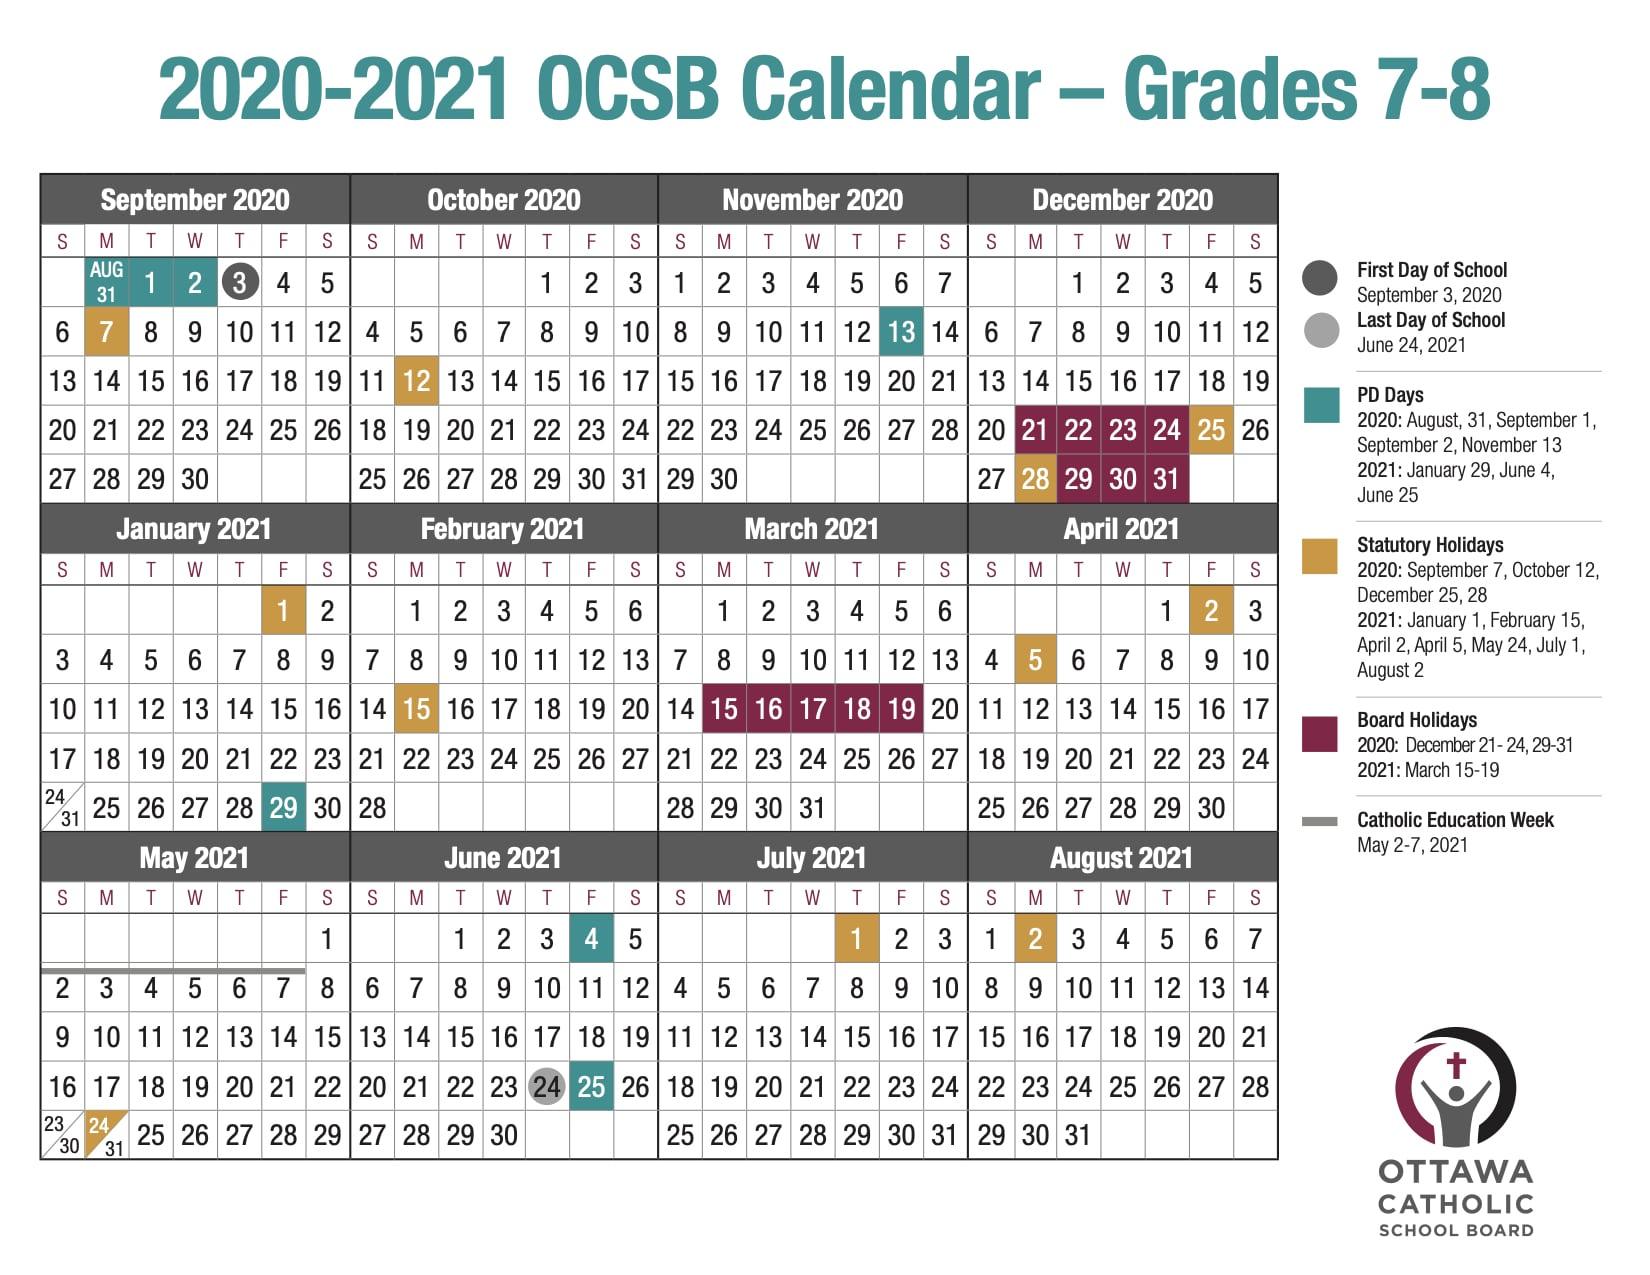 OCSB school year calendar image